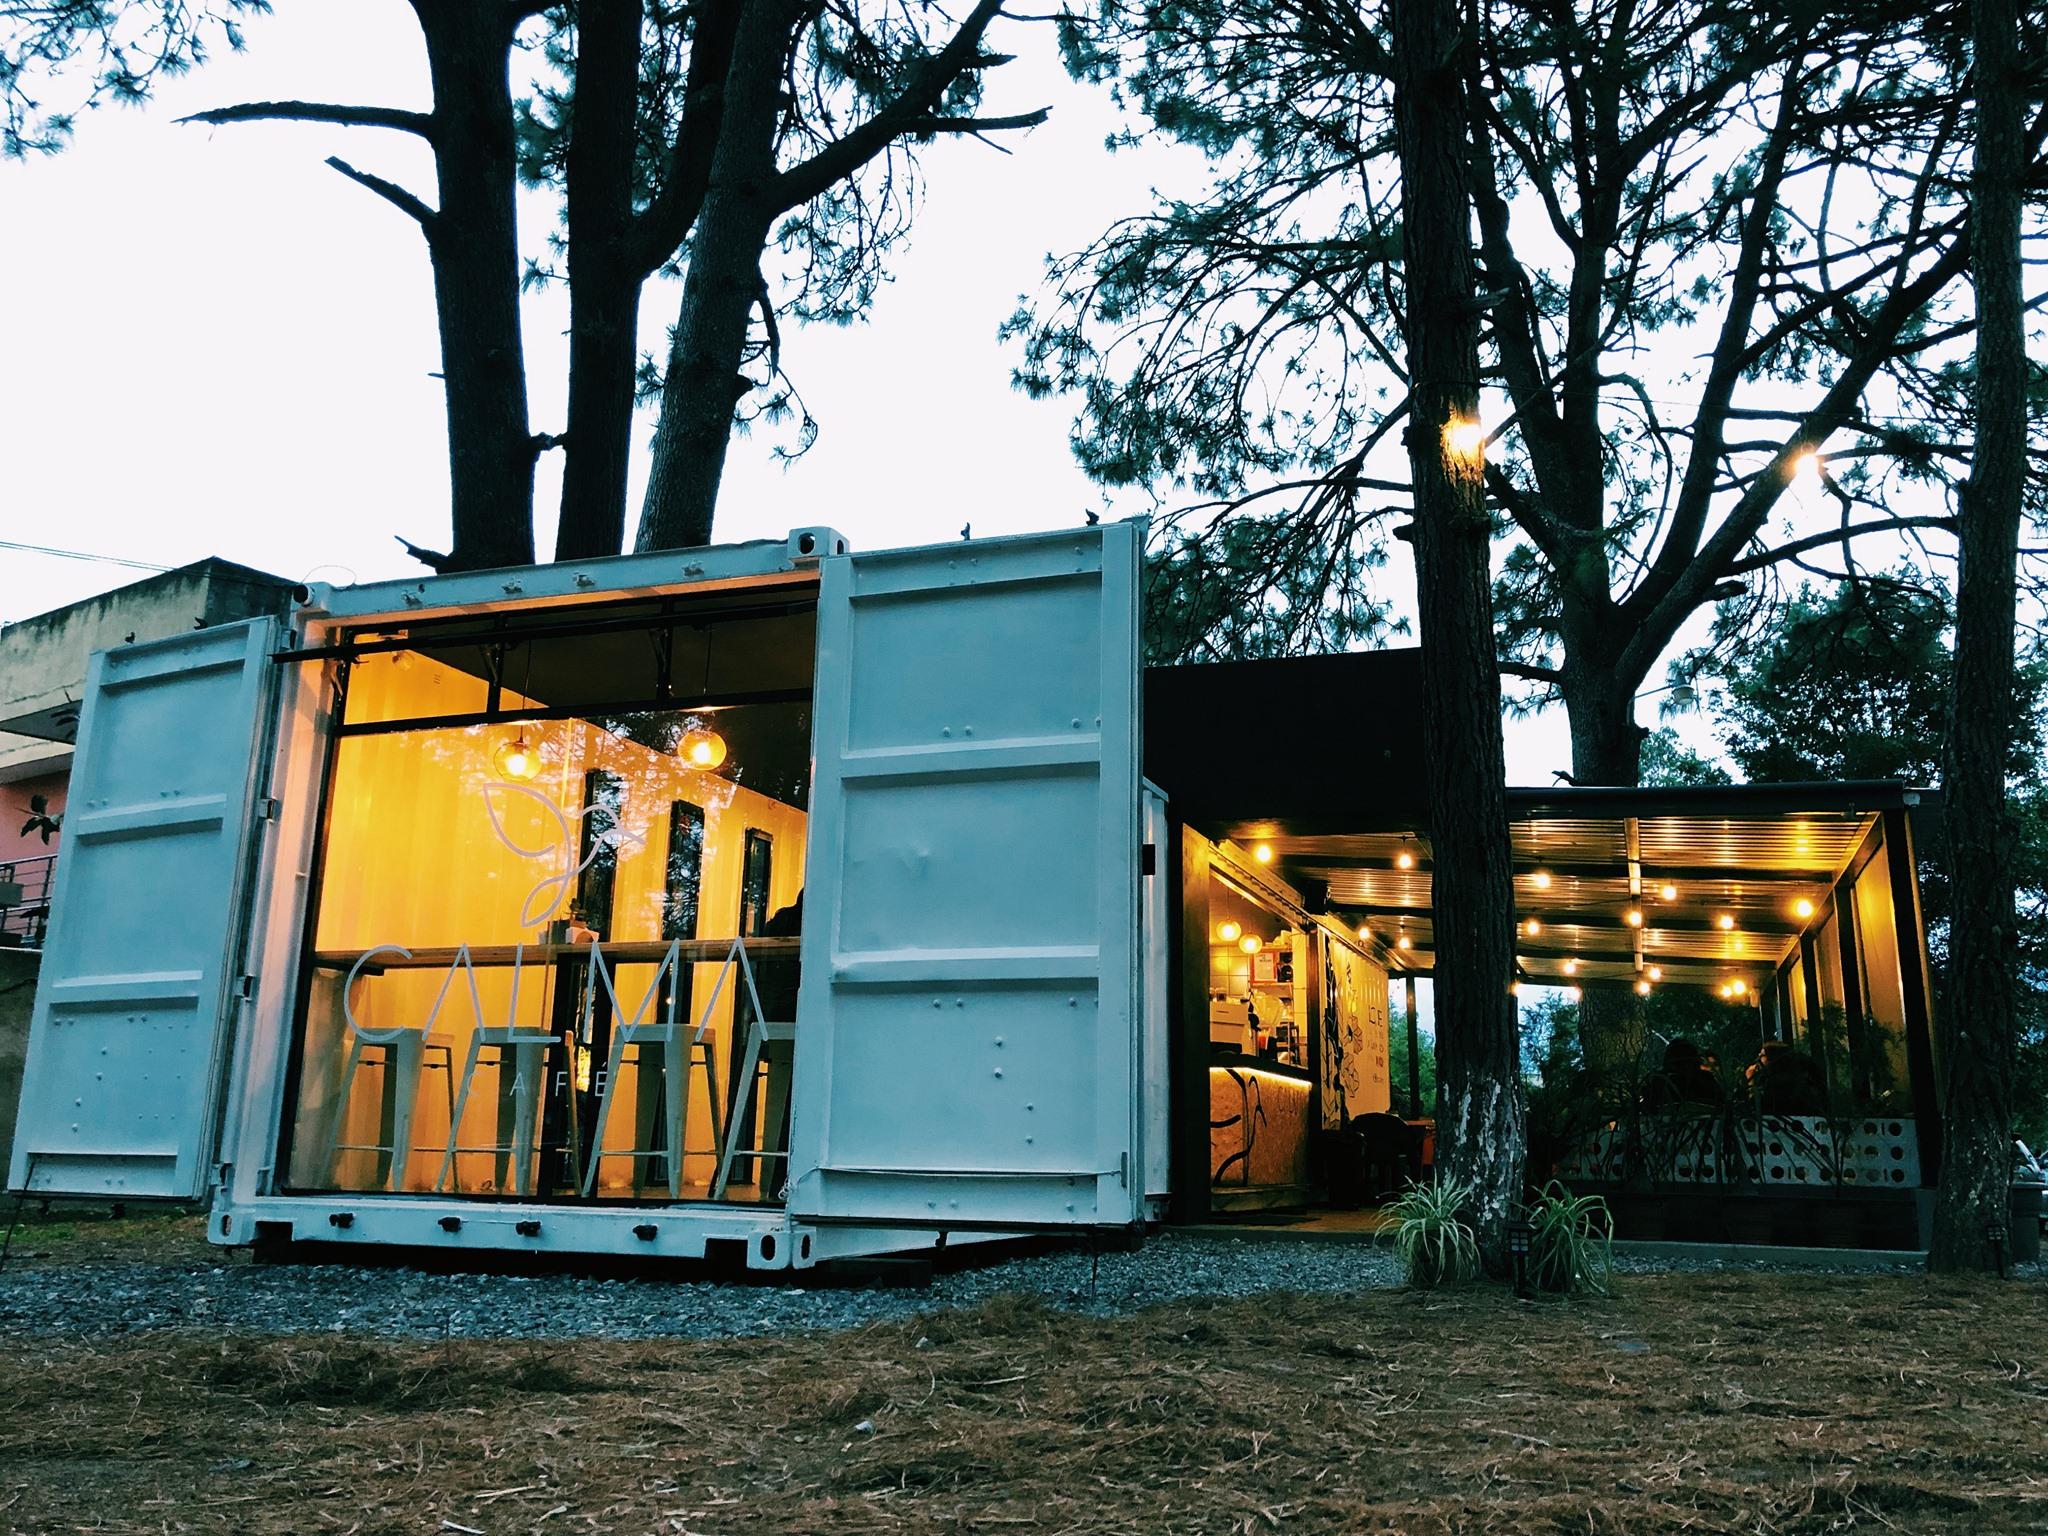 Calma Café, el emprendimiento huehueteco que usa contenedores y áreas verdes para brindar paz imagen